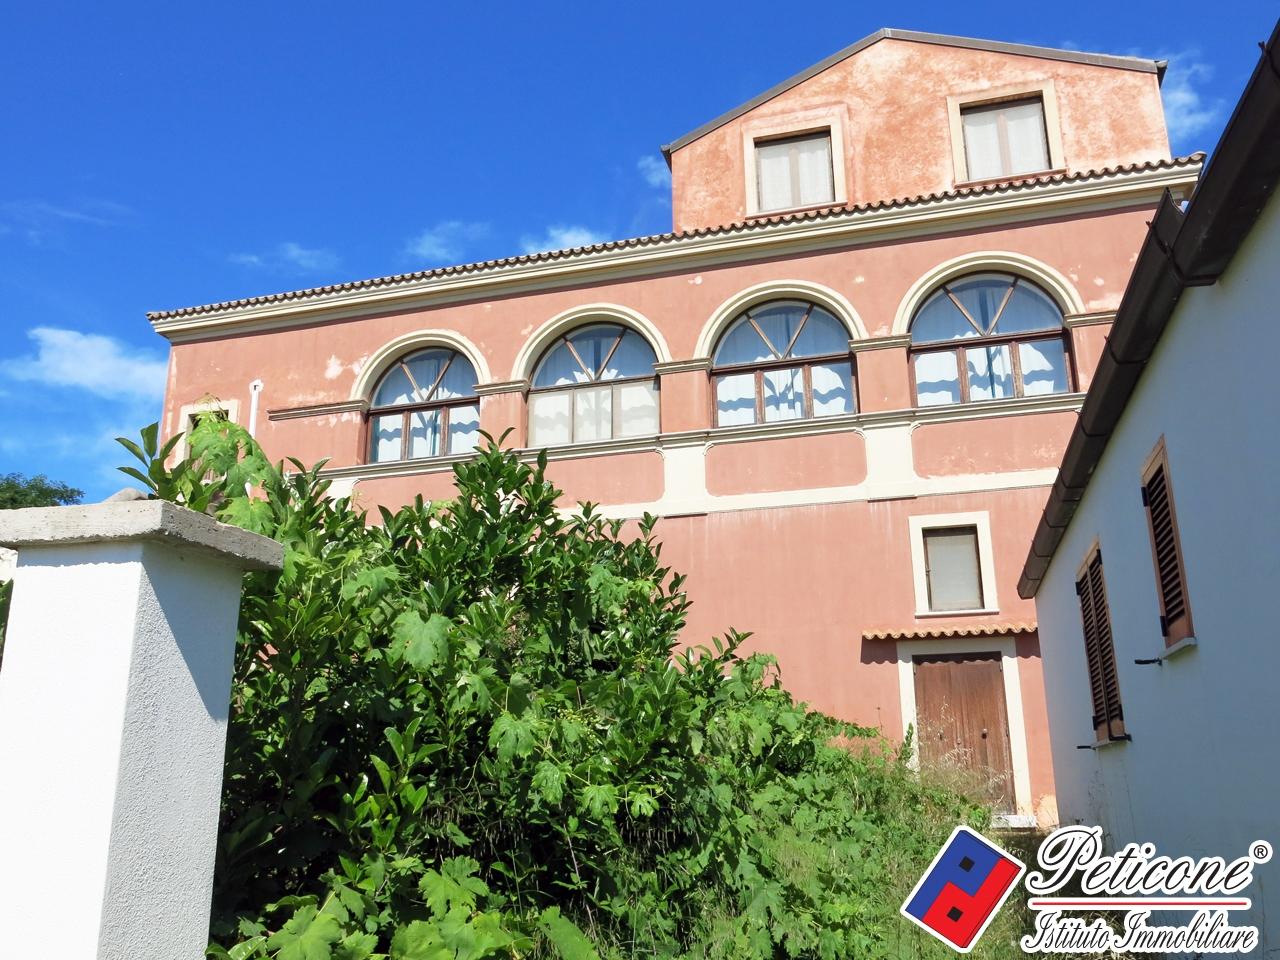 Villa in Vendita a Gaeta